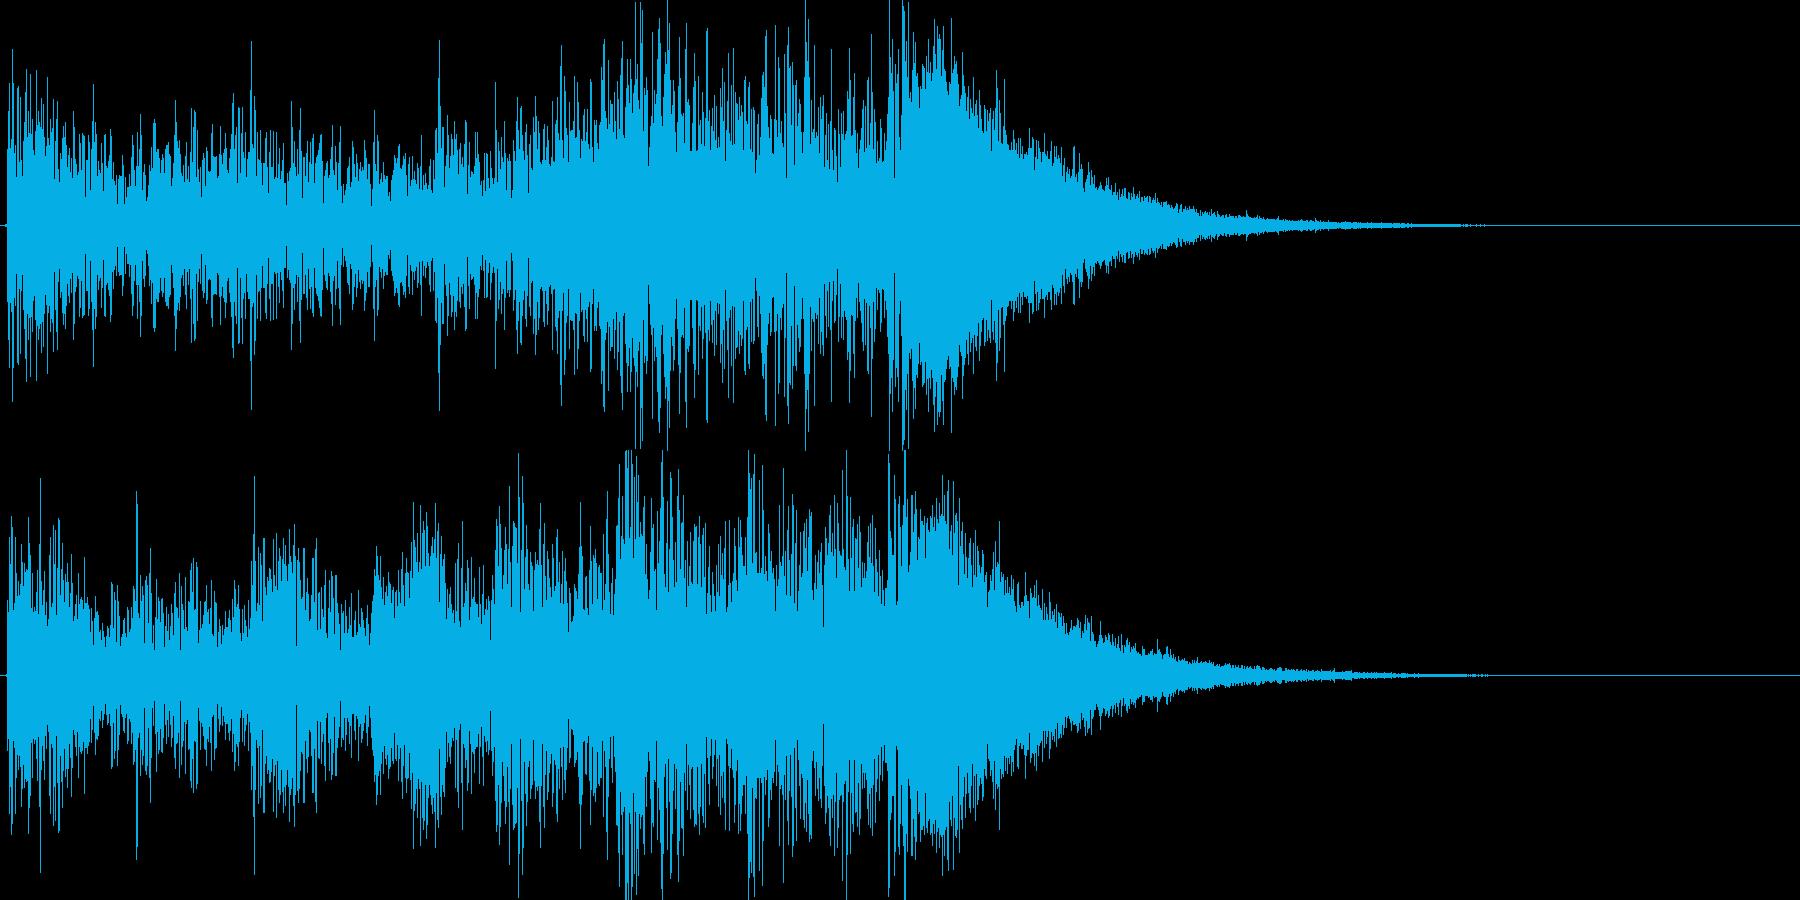 約4秒でシンバルが鳴るドラムロールの再生済みの波形